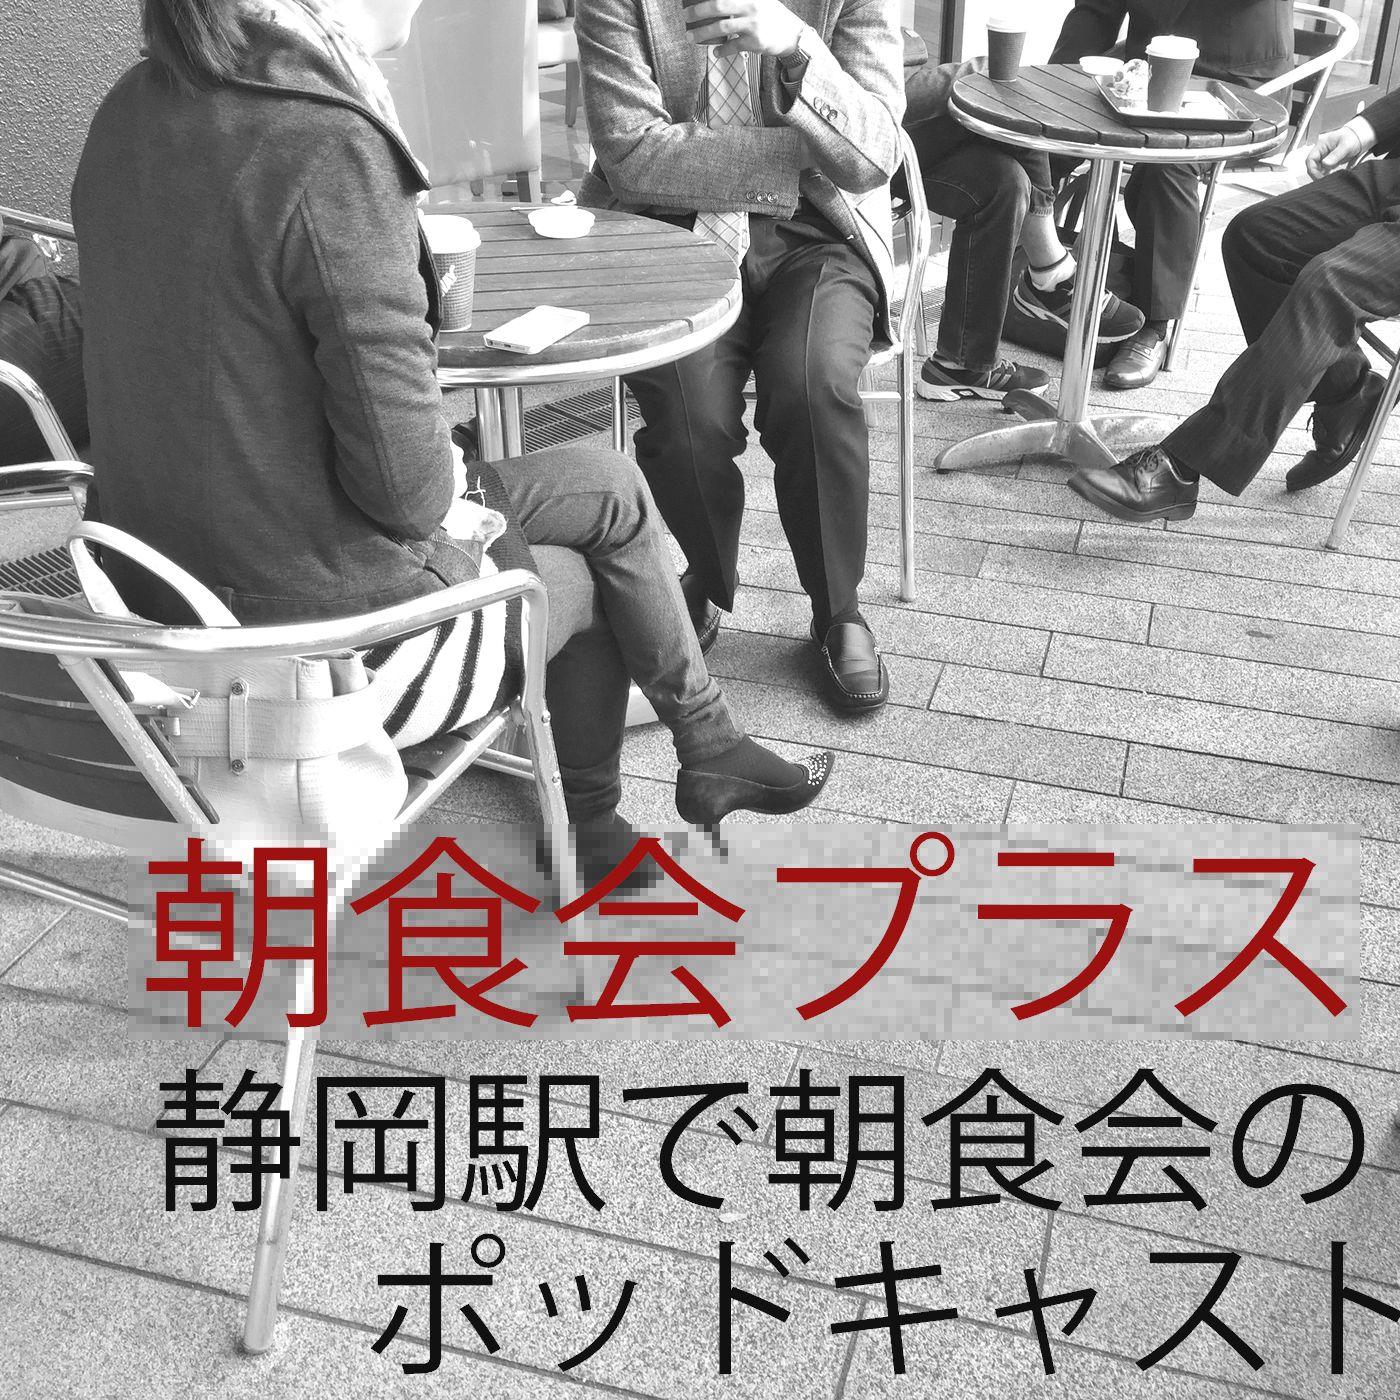 朝食会プラス -静岡駅で朝食会のポッドキャスト-